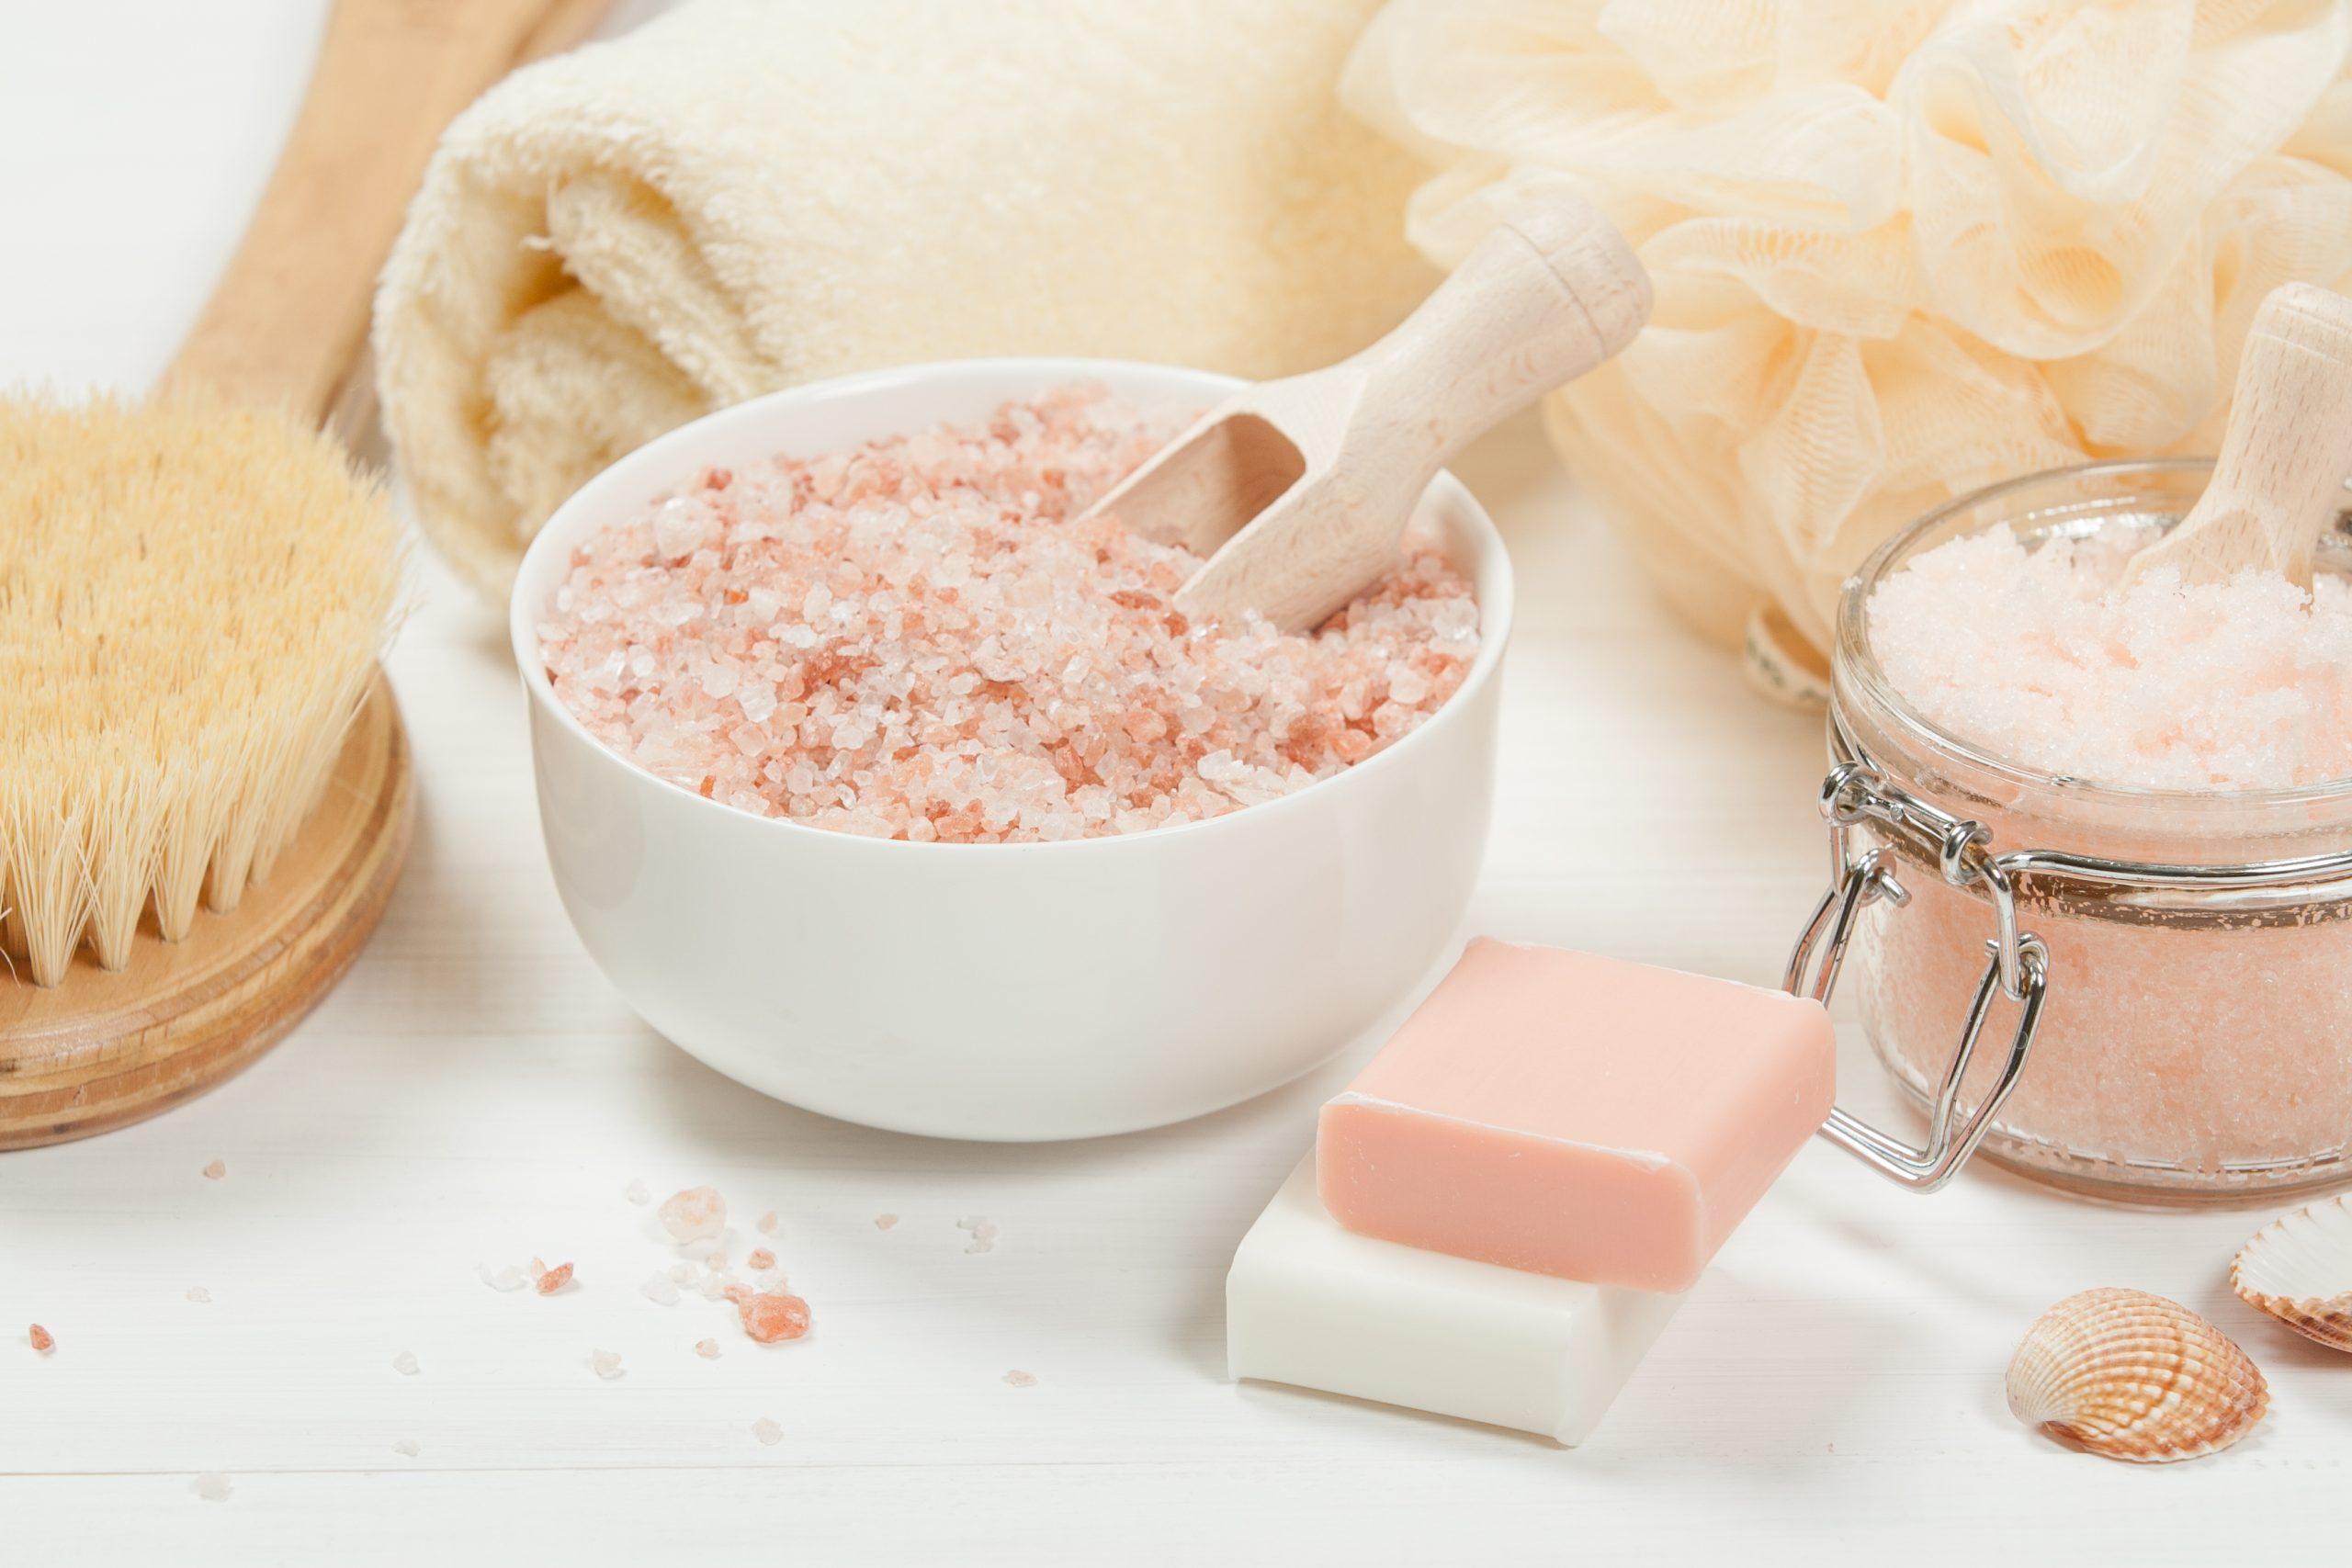 Celtic Sea Salt vs. Himalayan Pink Salt - Origin